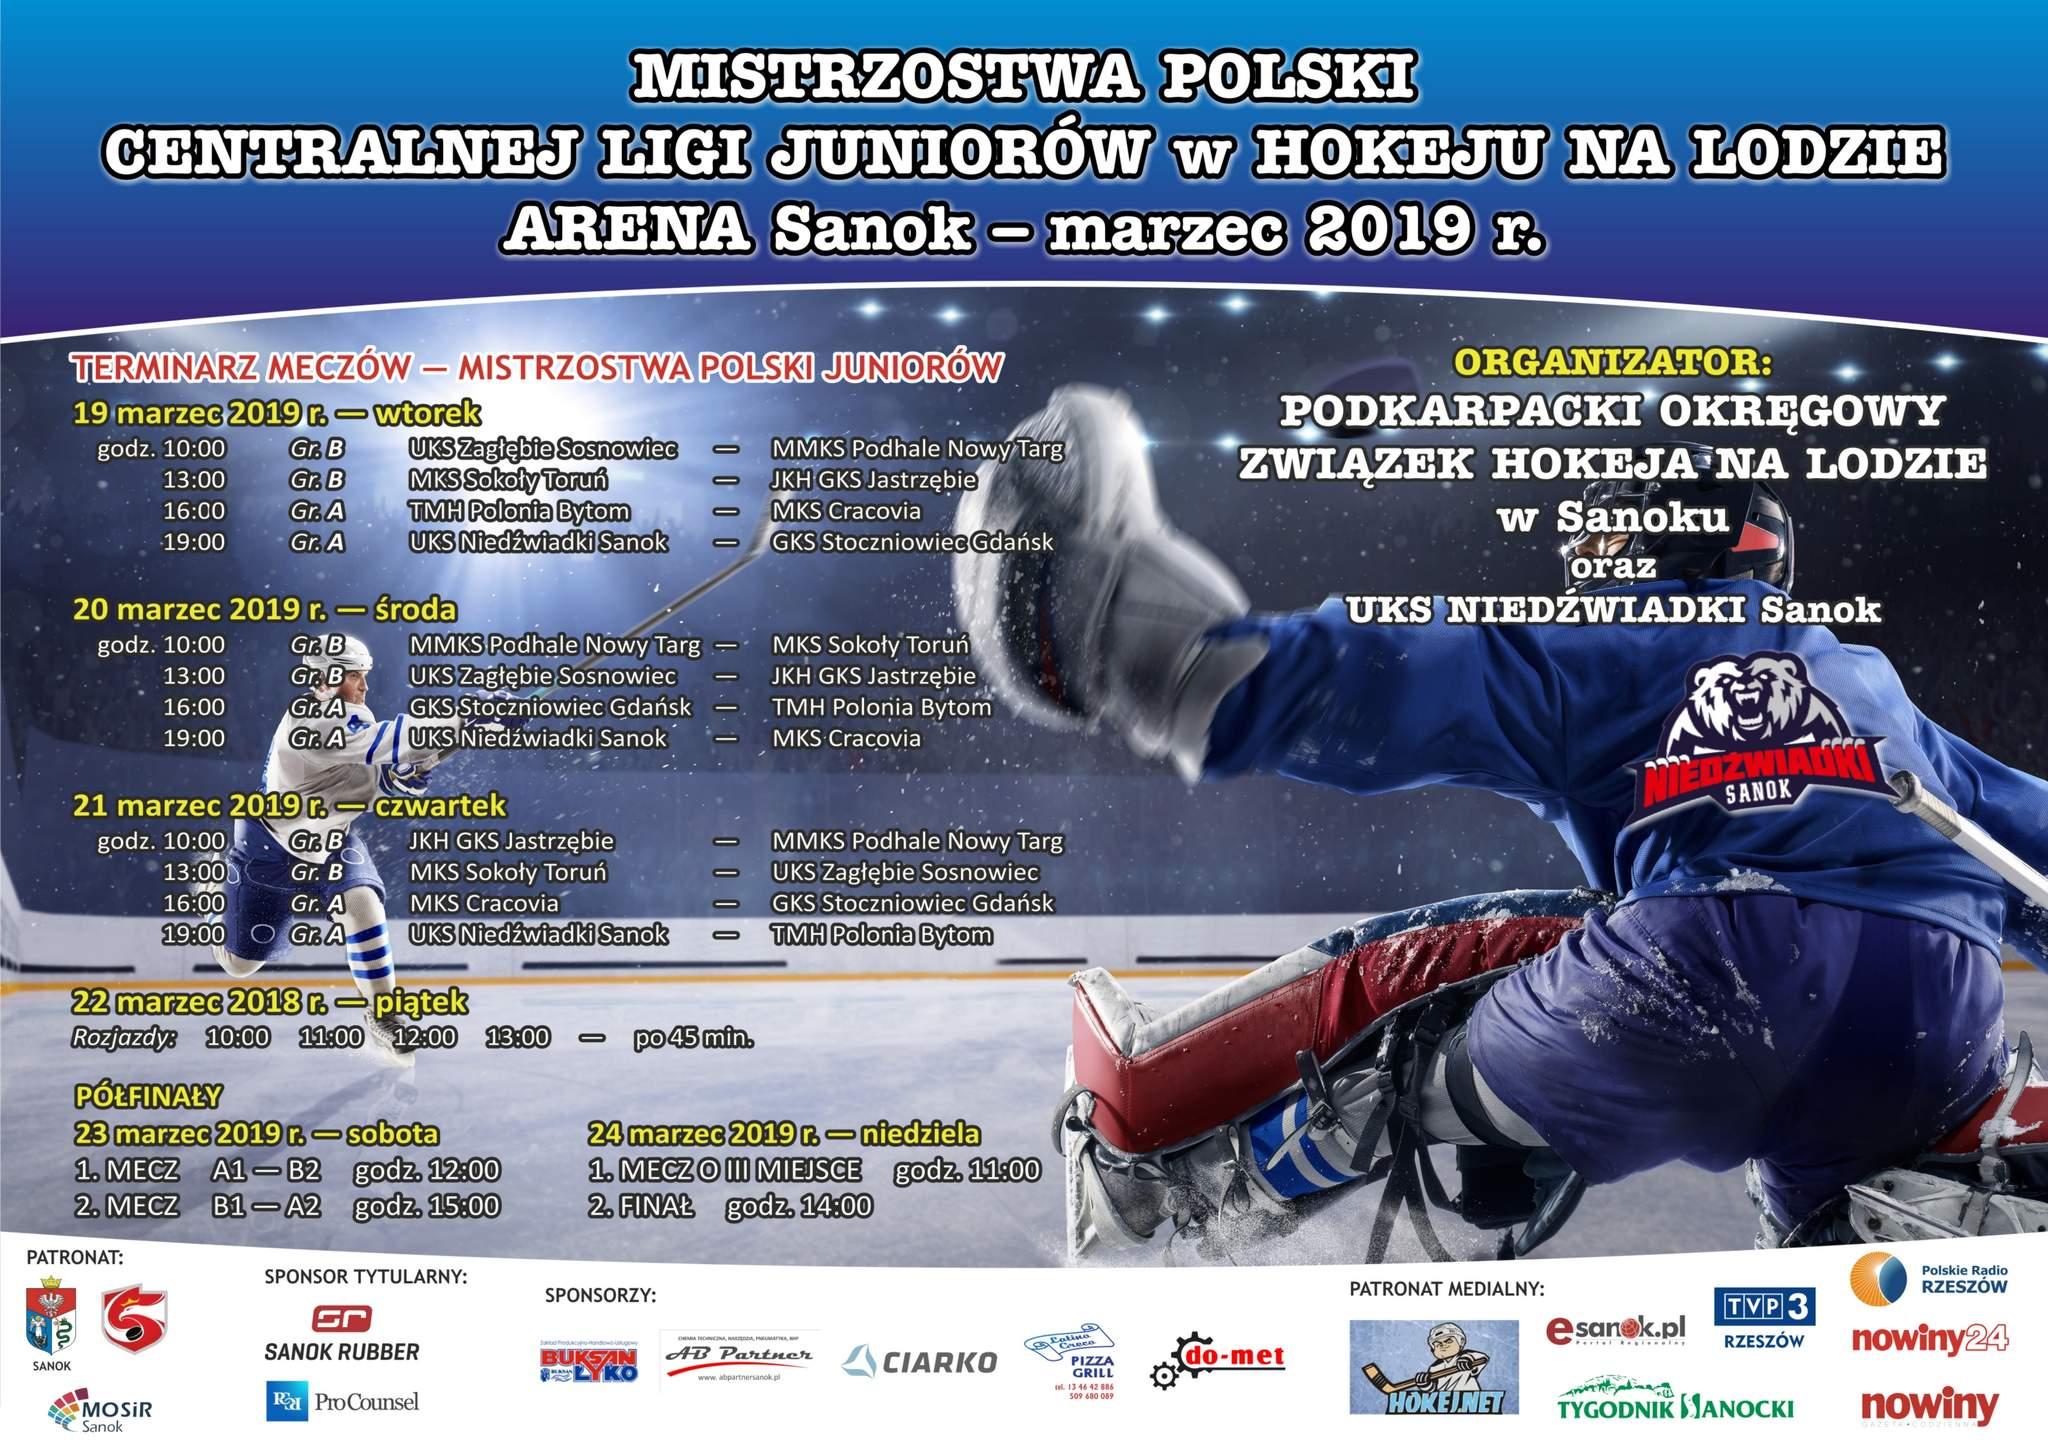 Mistrzostwa Hokej 2019 - TERMINARZ MECZÓW MISTRZOSTWA POLSKI JUNIORÓW